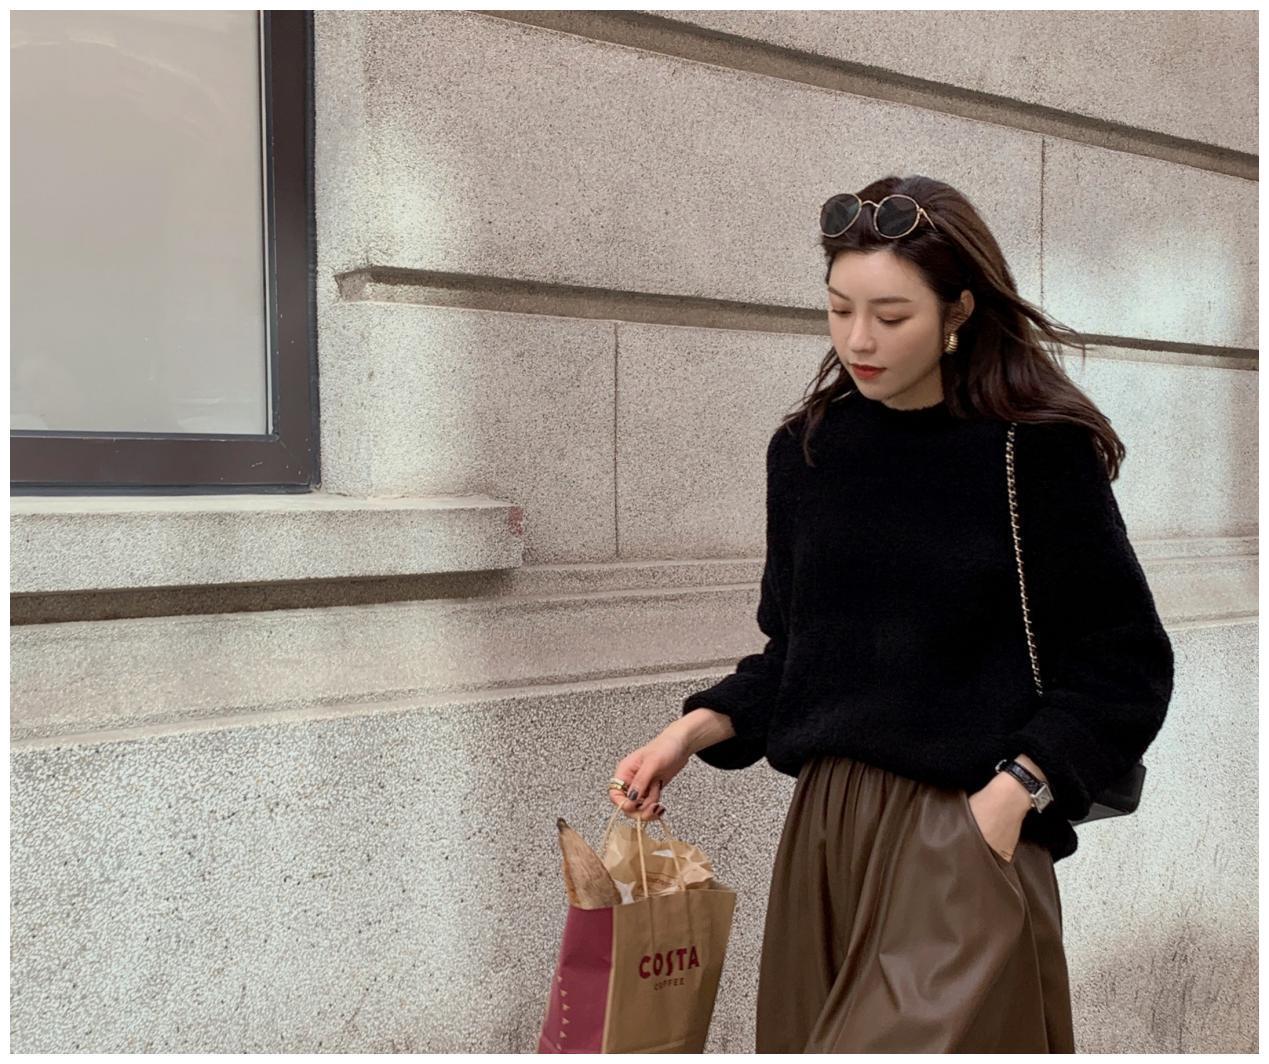 这才是冬季最靓的打扮!时尚女孩分享穿衣窍门,时髦显瘦又高级